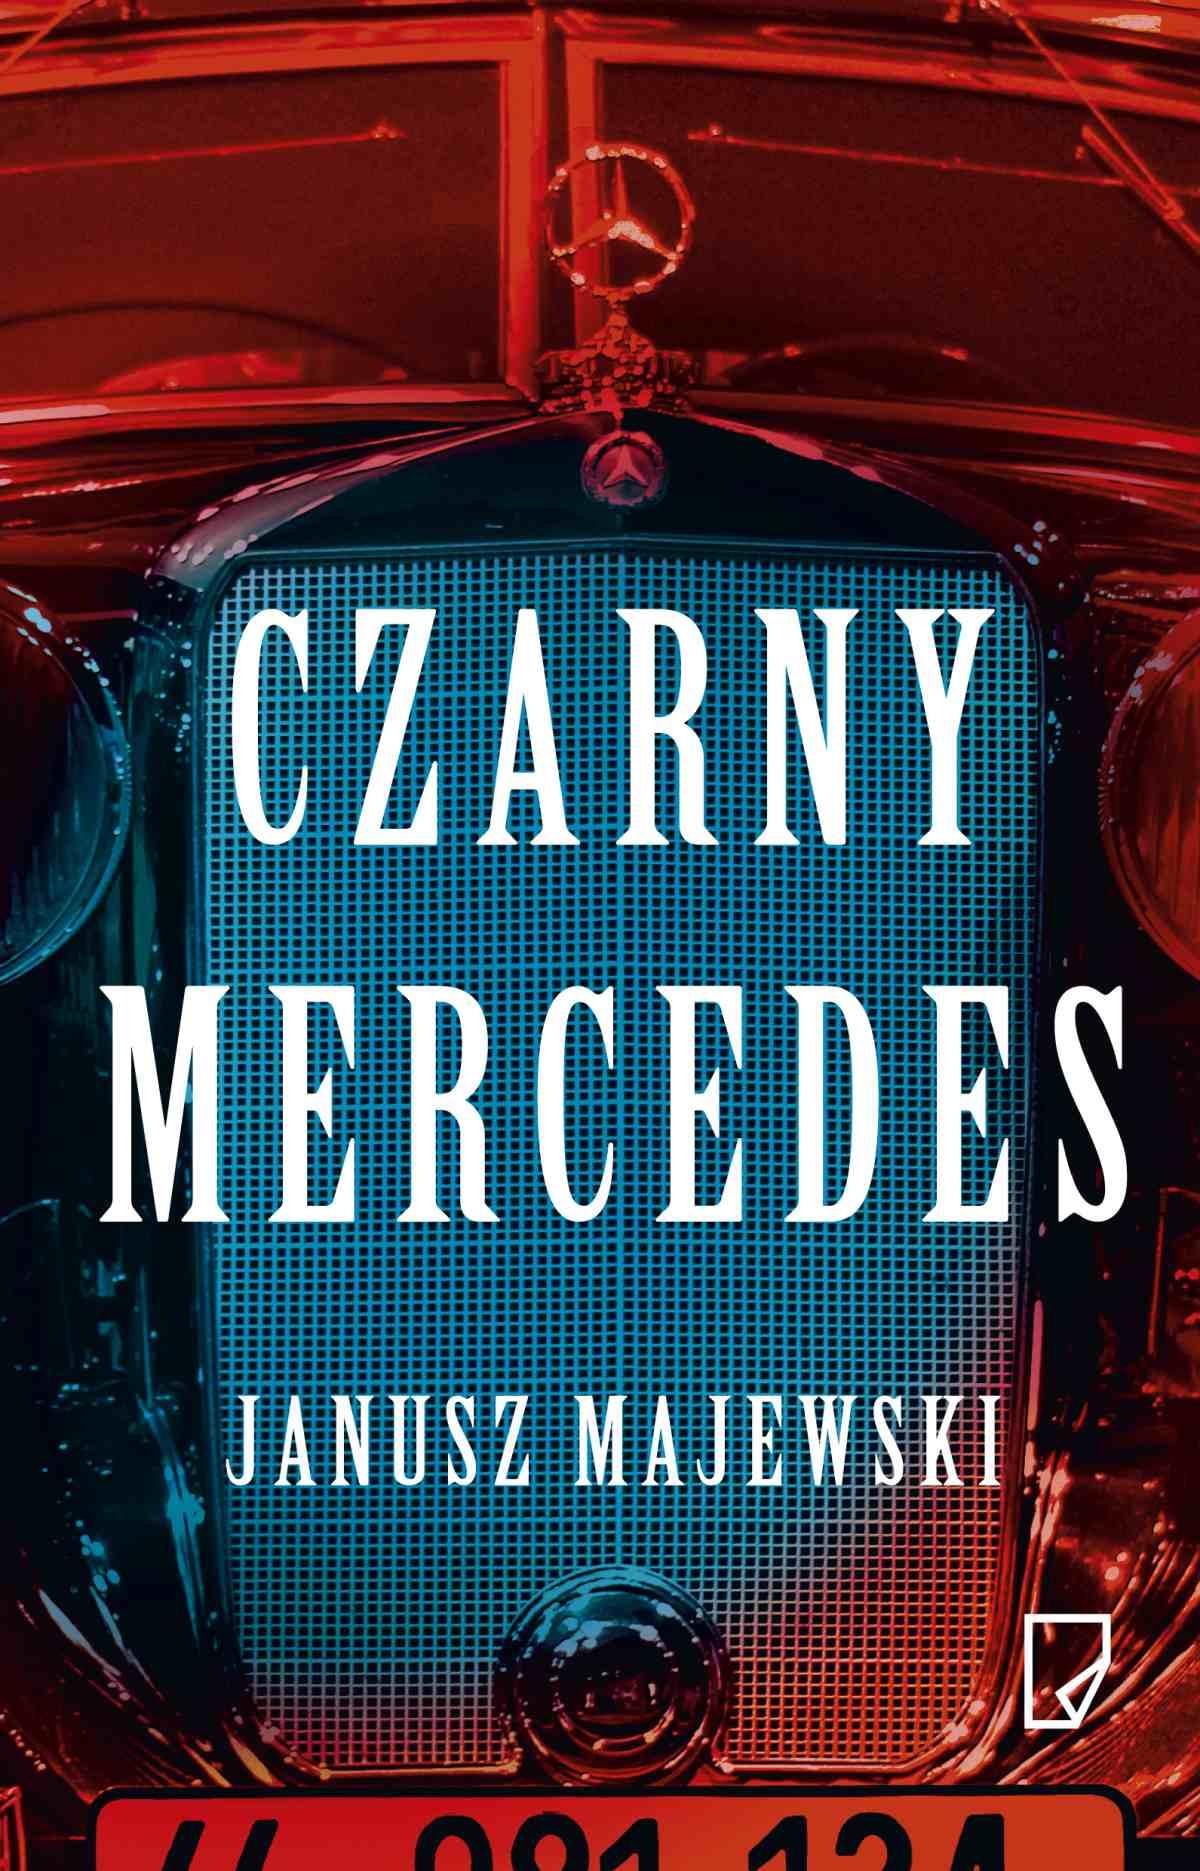 Czarny mercedes - Ebook (Książka EPUB) do pobrania w formacie EPUB